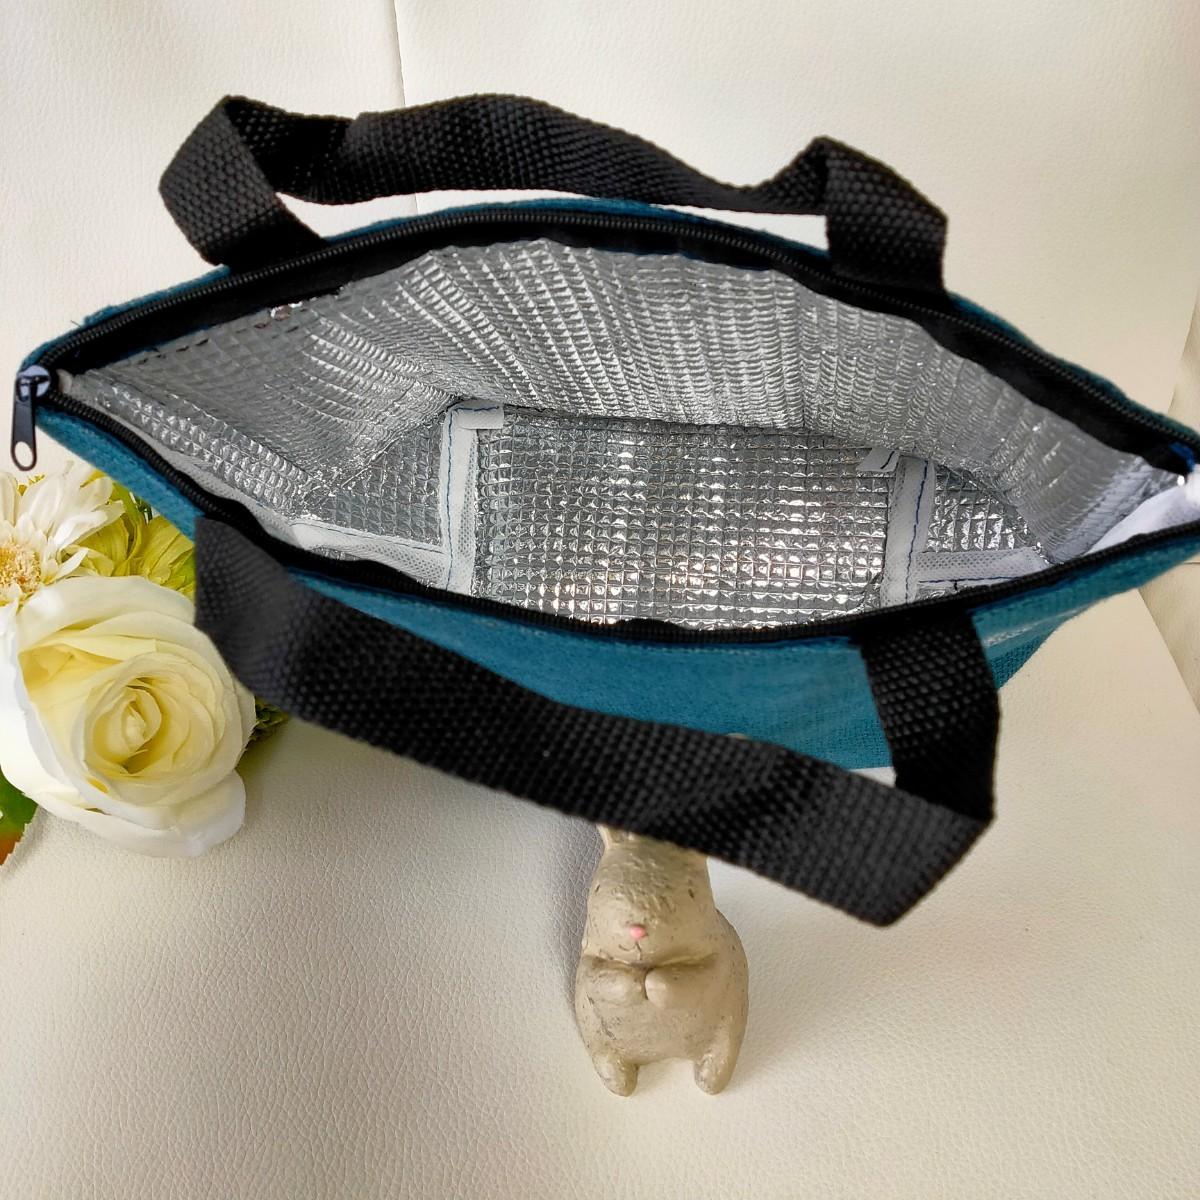 【8月お値下げ価格】  ハンドメイド ミナペルホネン  ランチトート トートバッグ ミニトートバッグ 保冷バッグ